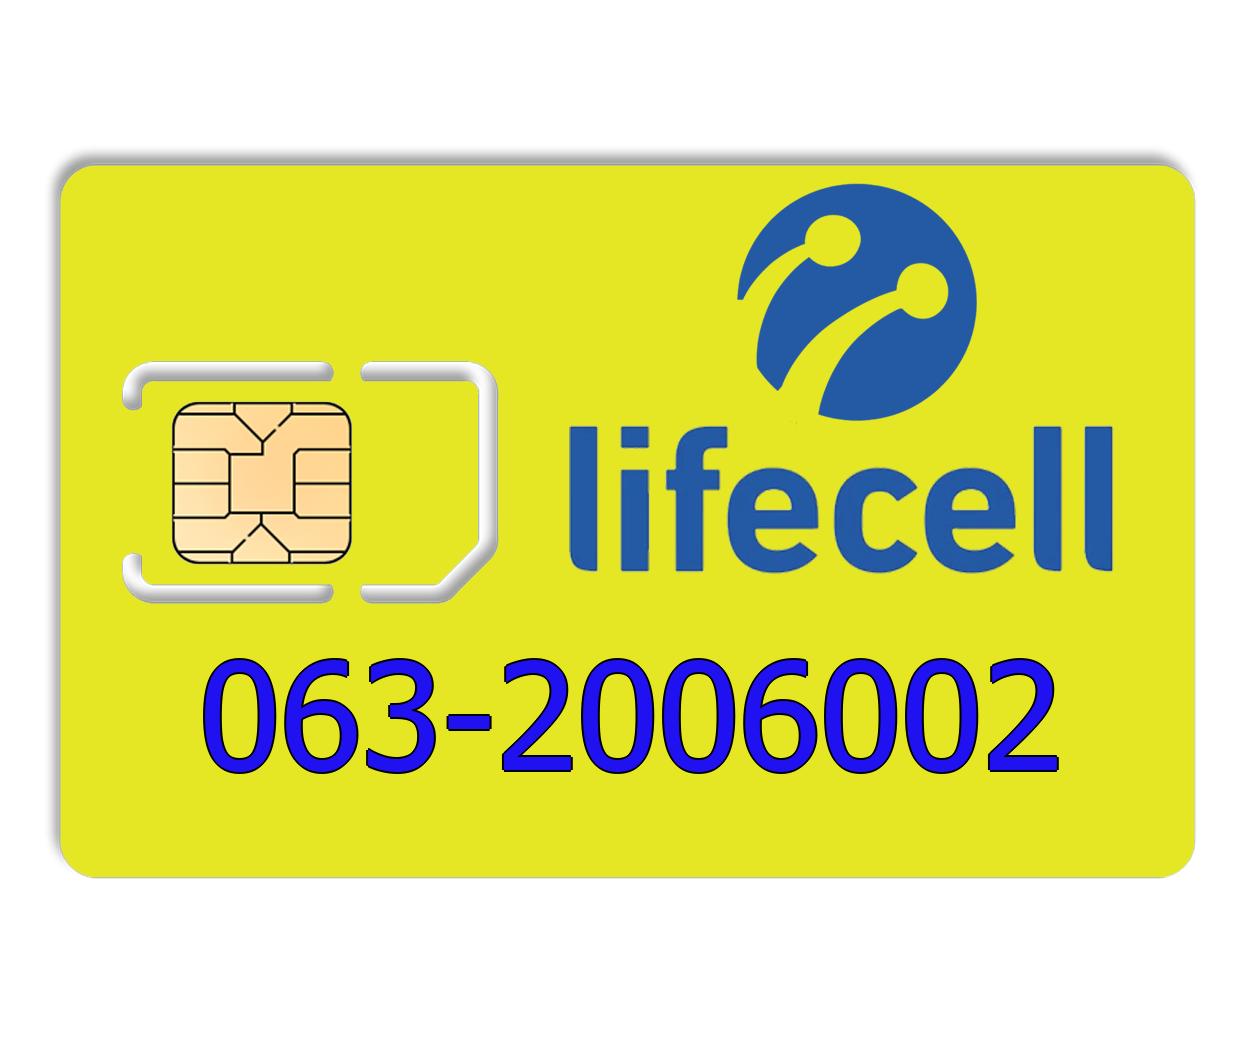 Красивый номер lifecell 063-2006002